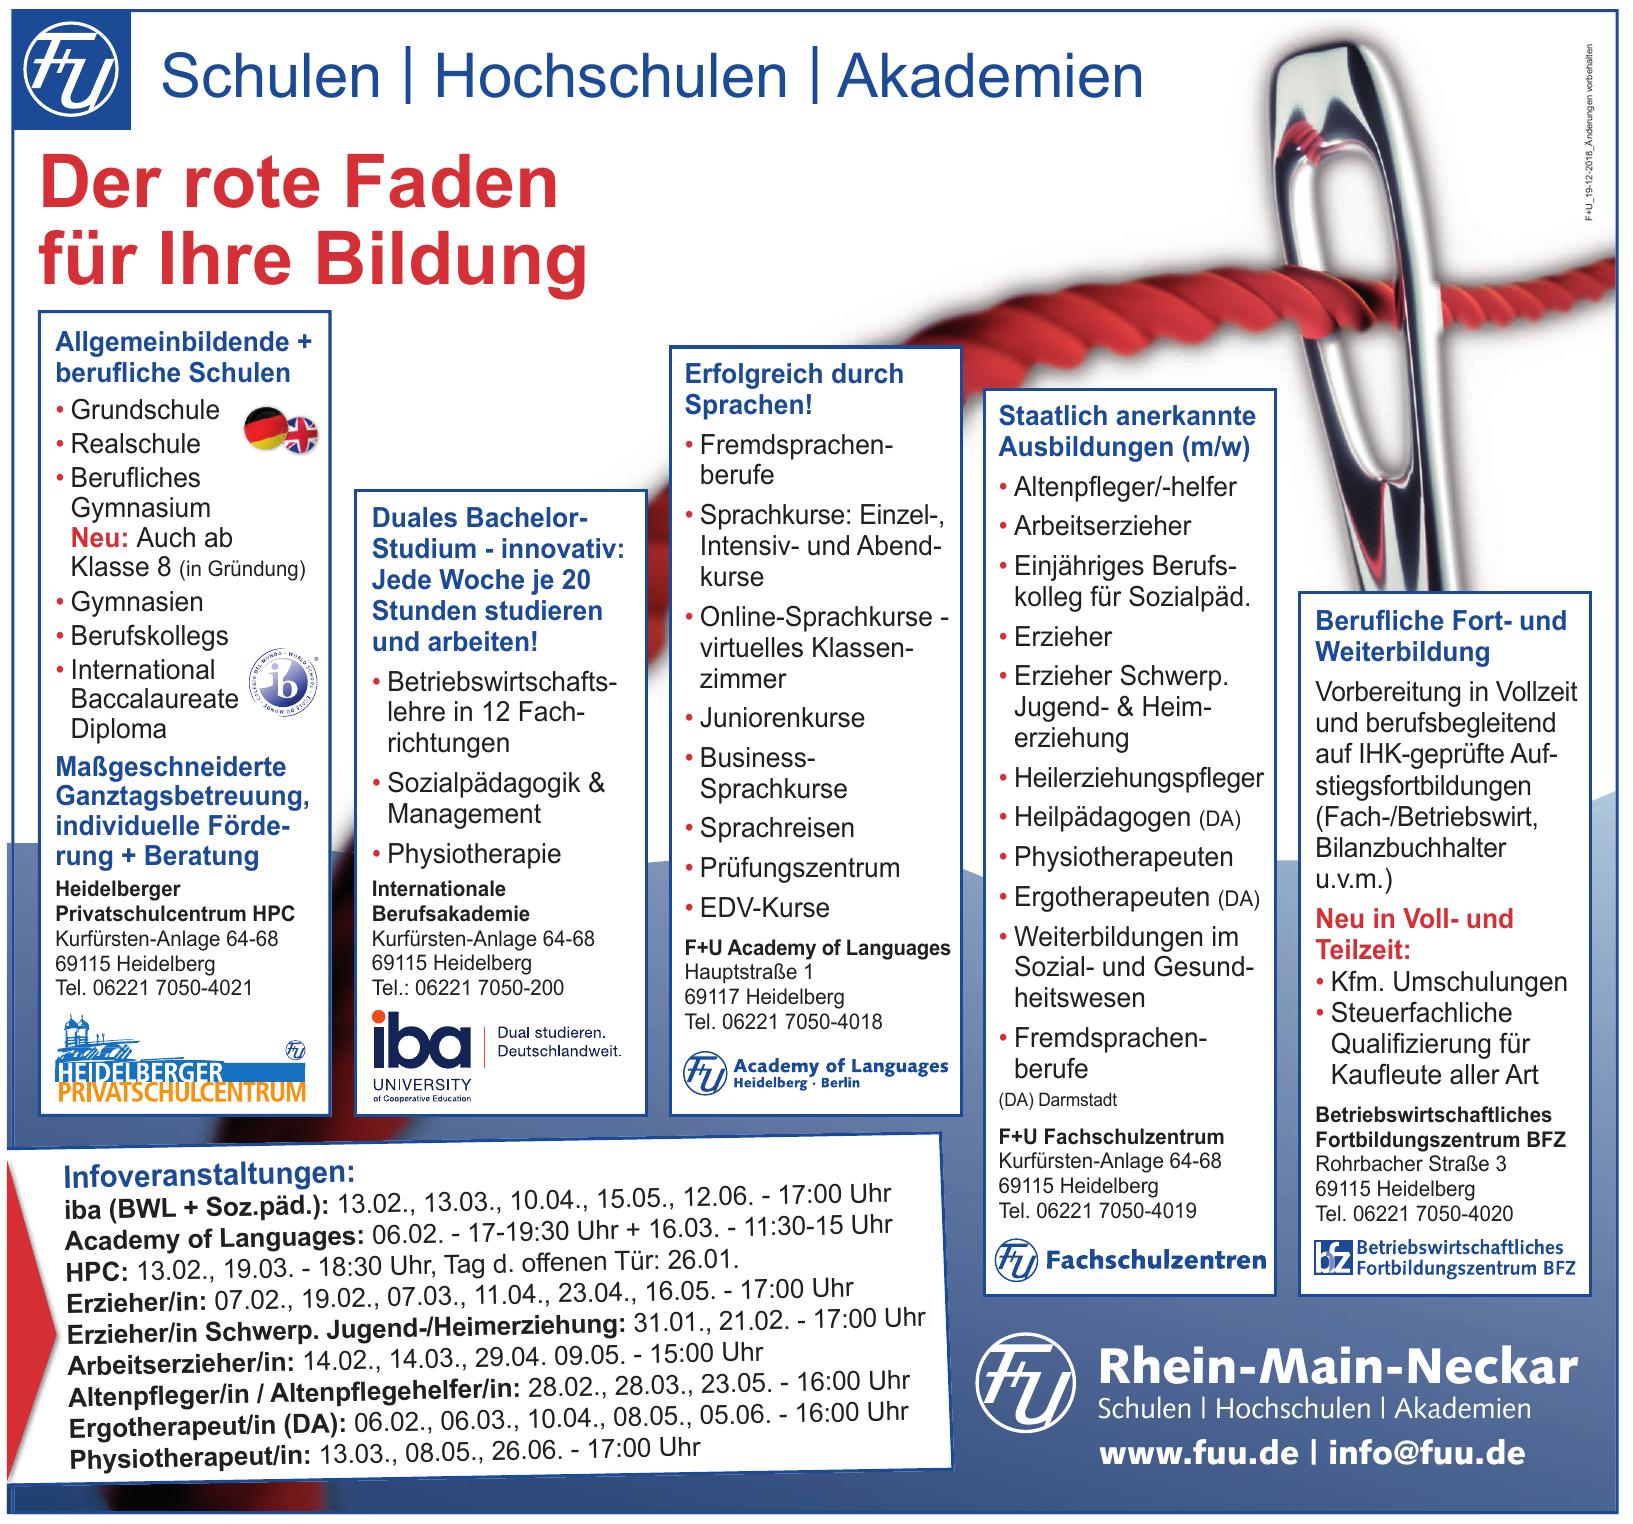 Rhein-Main-Neckar Schulen, Hochschulen, Akademien